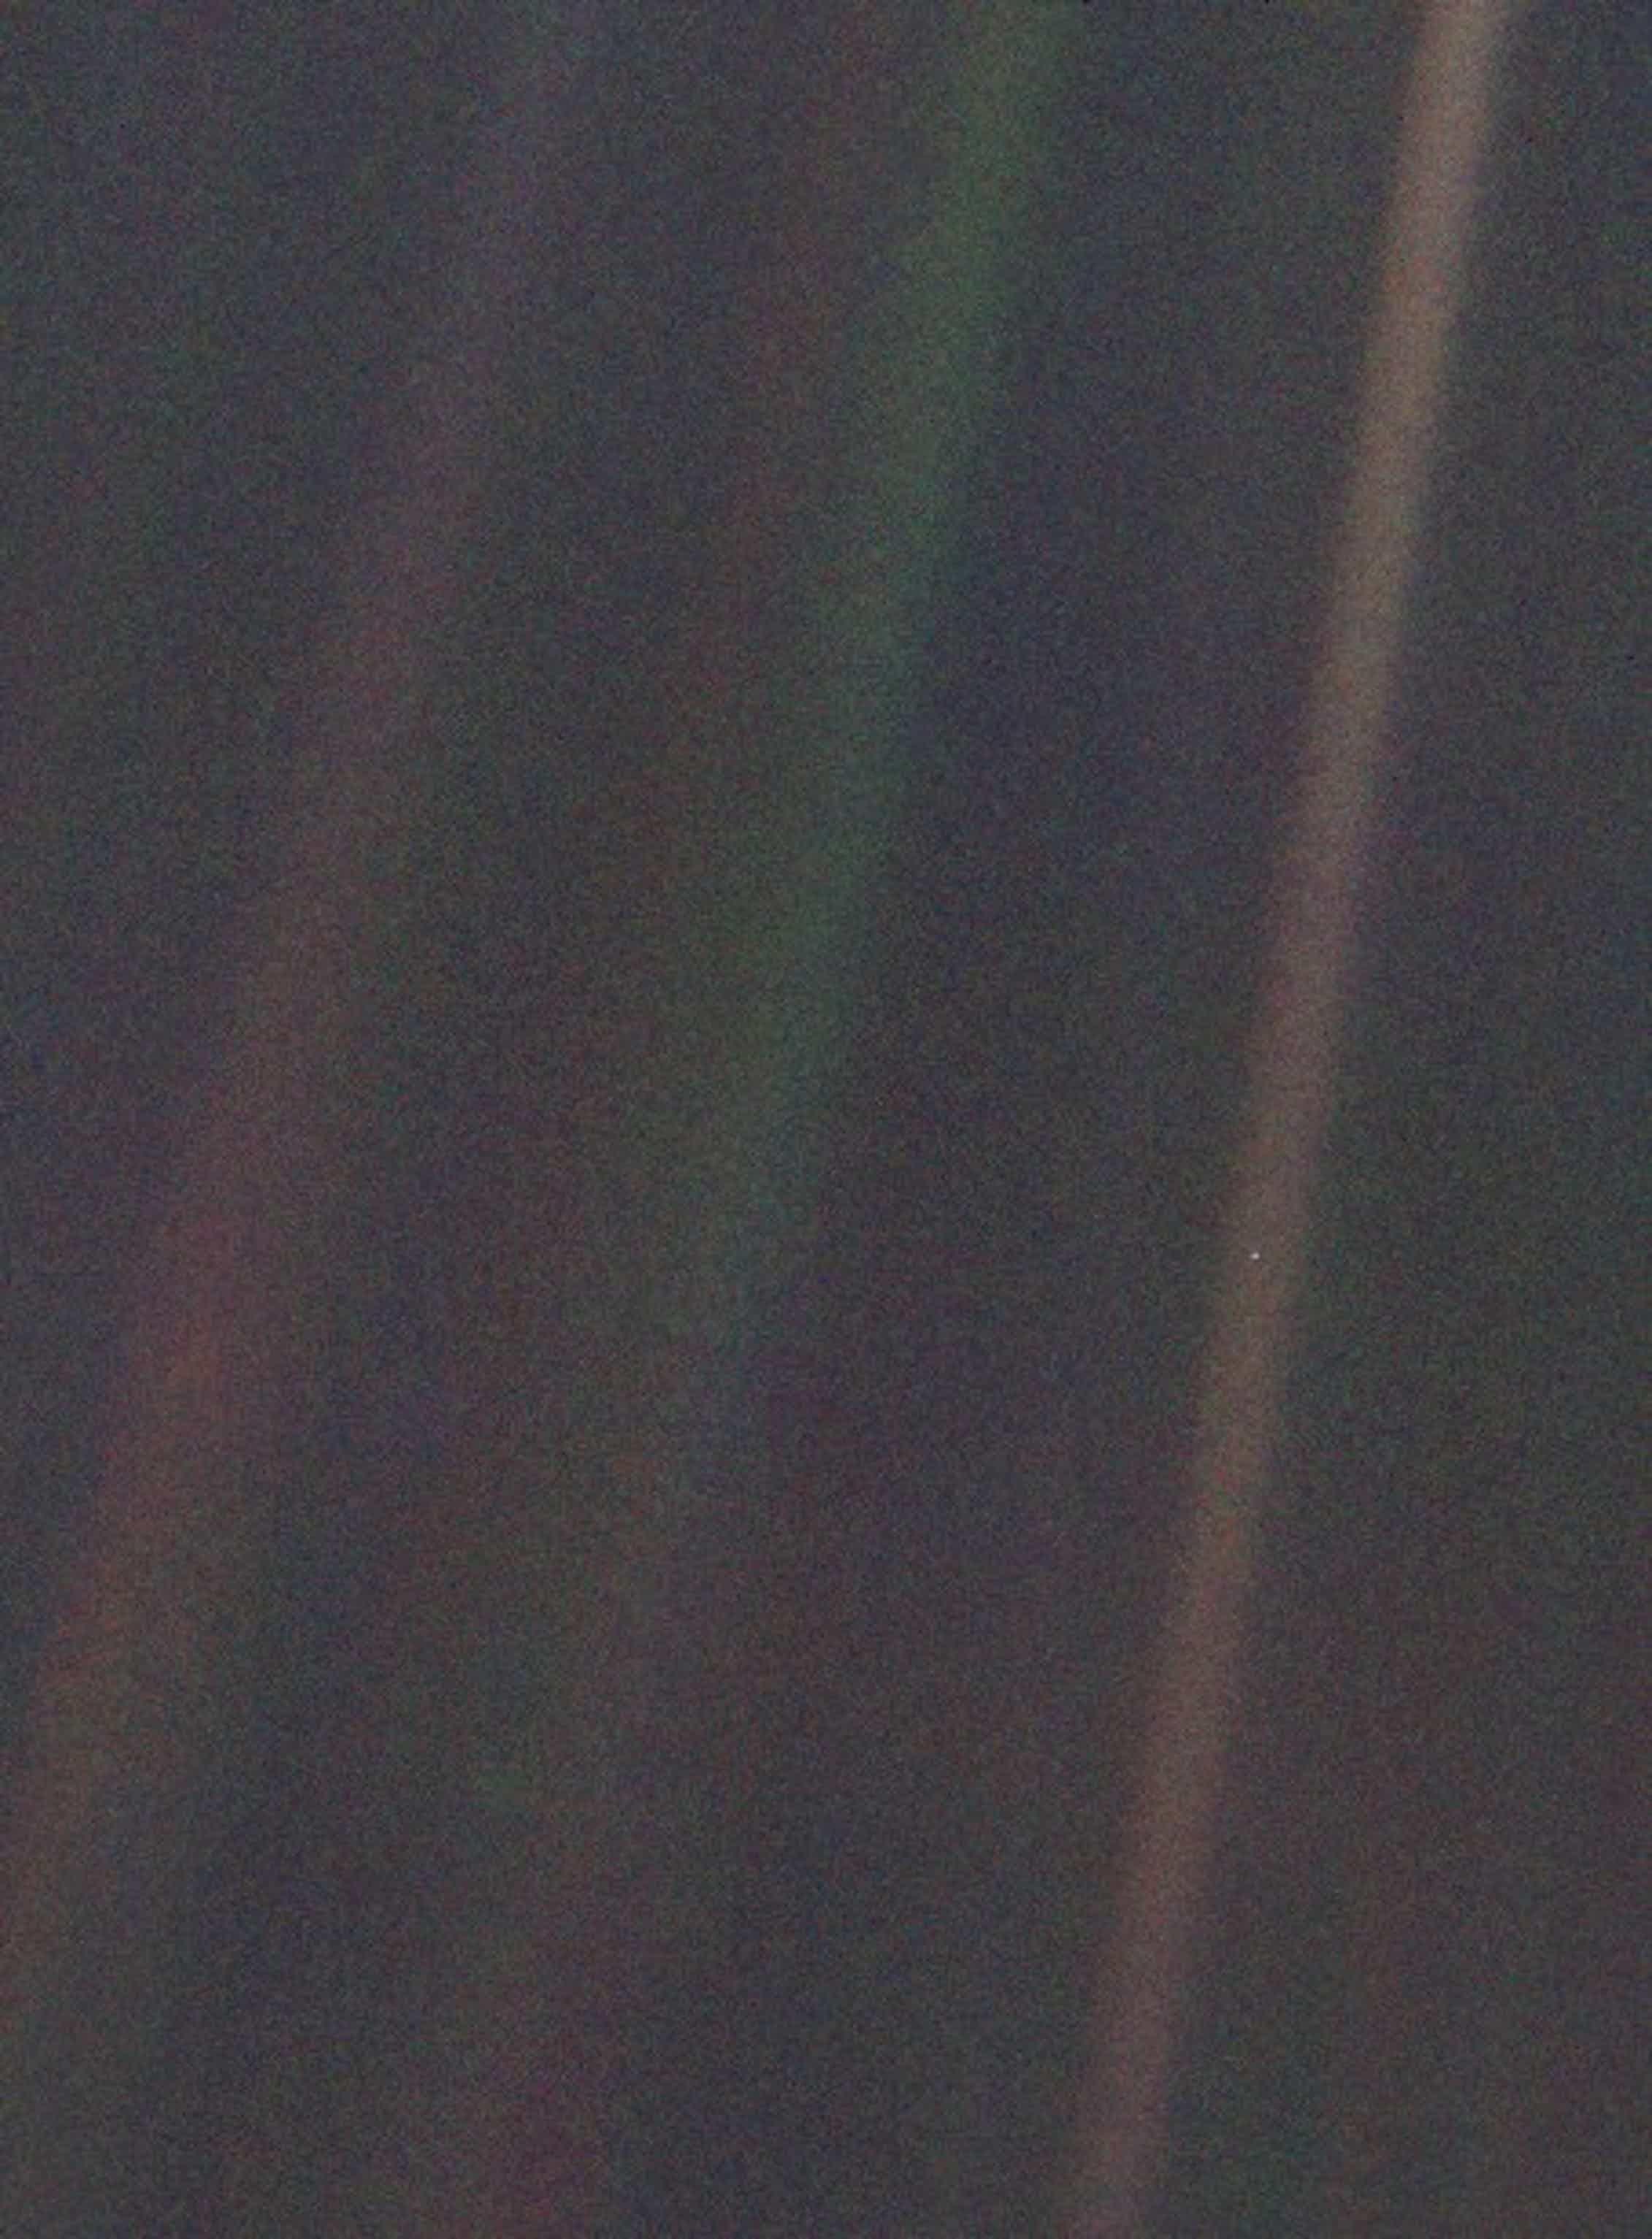 Imagen denominadaPale Blue DotPuede observarse la Tierra como un punto de luz entre blanco y azulado situado en la franja marrón de más a la derecha de la imagen. La fotografía fue tomada a una distancia de 6000 millones de kilómetros de la Tierra por la Voyager 1 en 1990.Wikimedia Commons / Jet Propulsion Laboratory, NASA